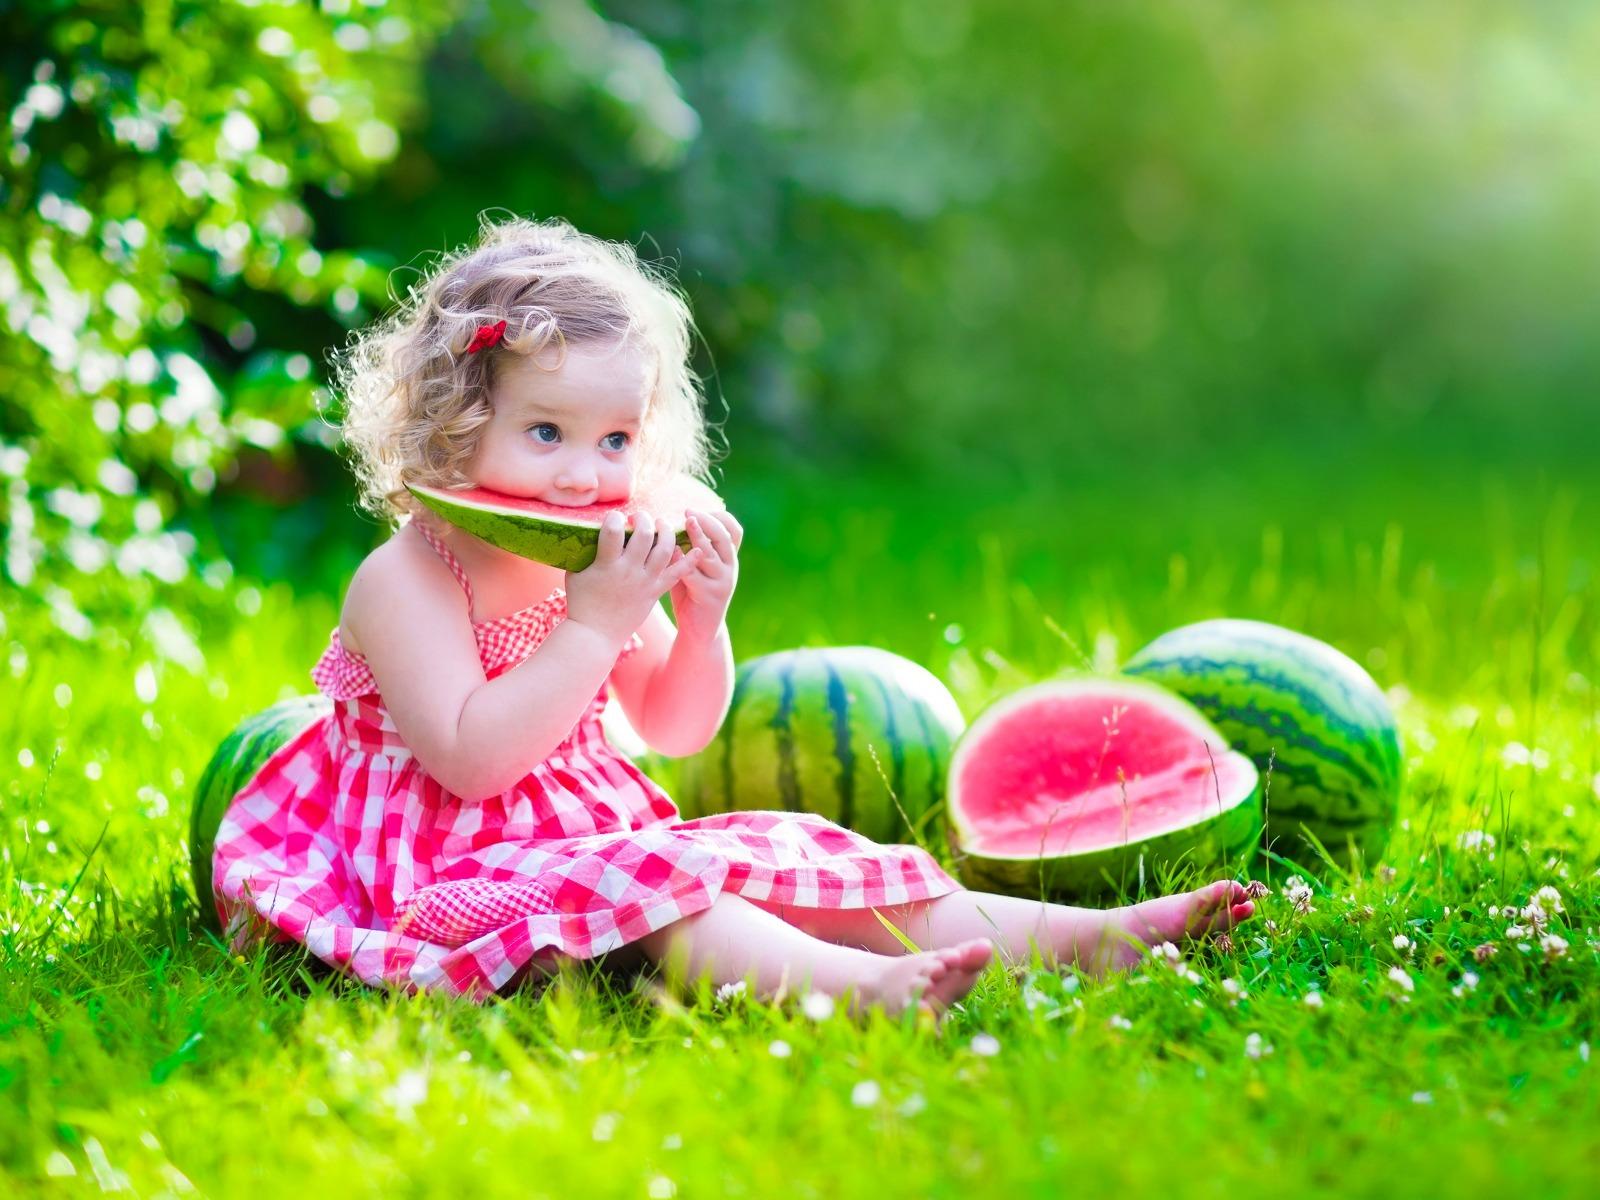 صورة صور للاطفال بنات , اجمل صور لارق بنات